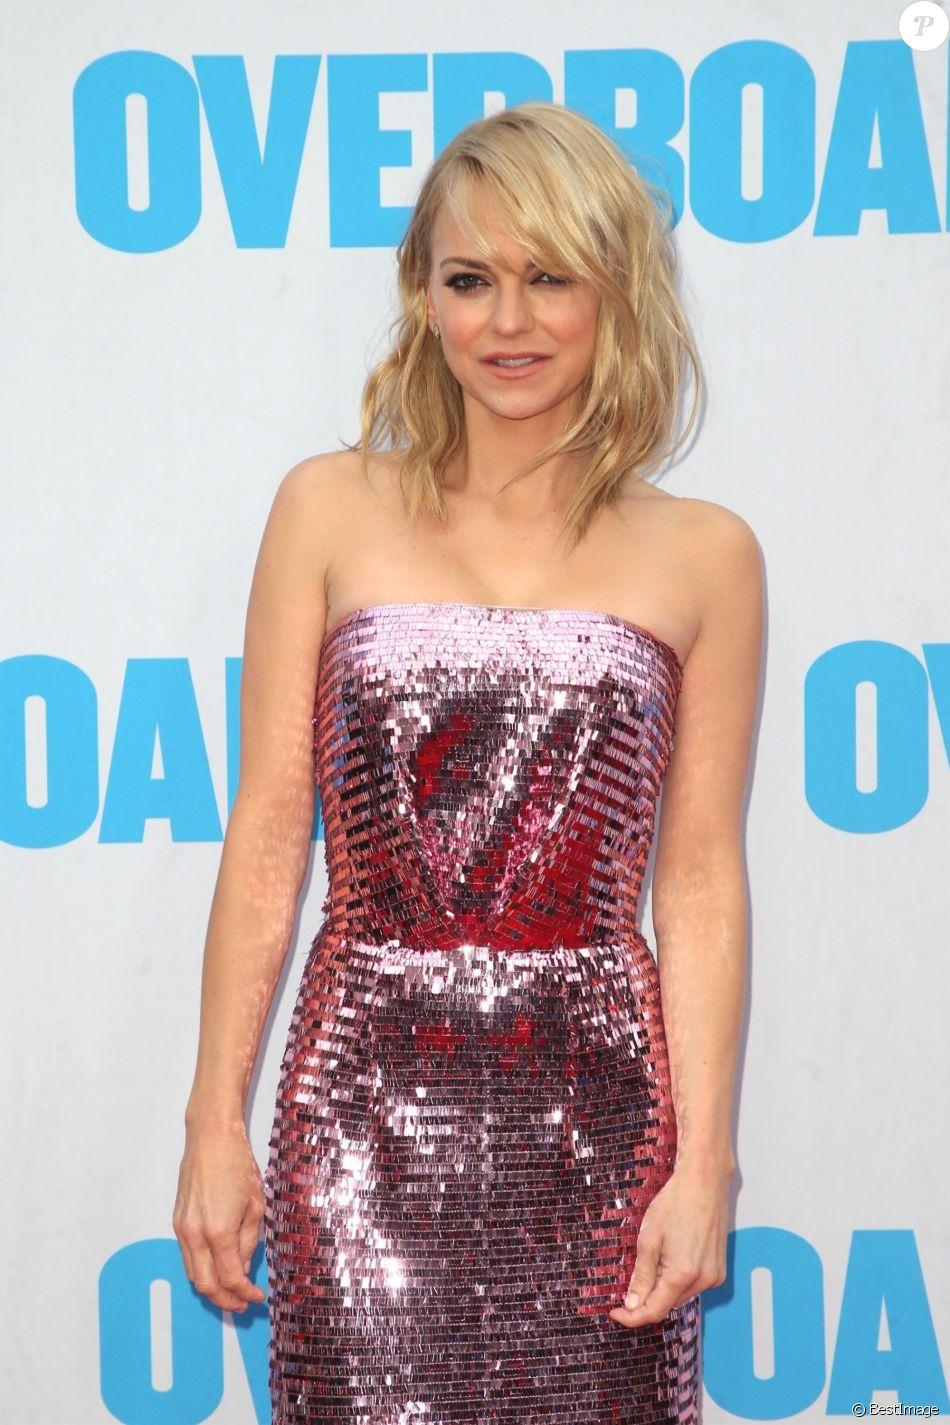 Anna Faris - Les célébrités posent lors de la première du film 'Overboard' à Westwood le 30 avril 2018.